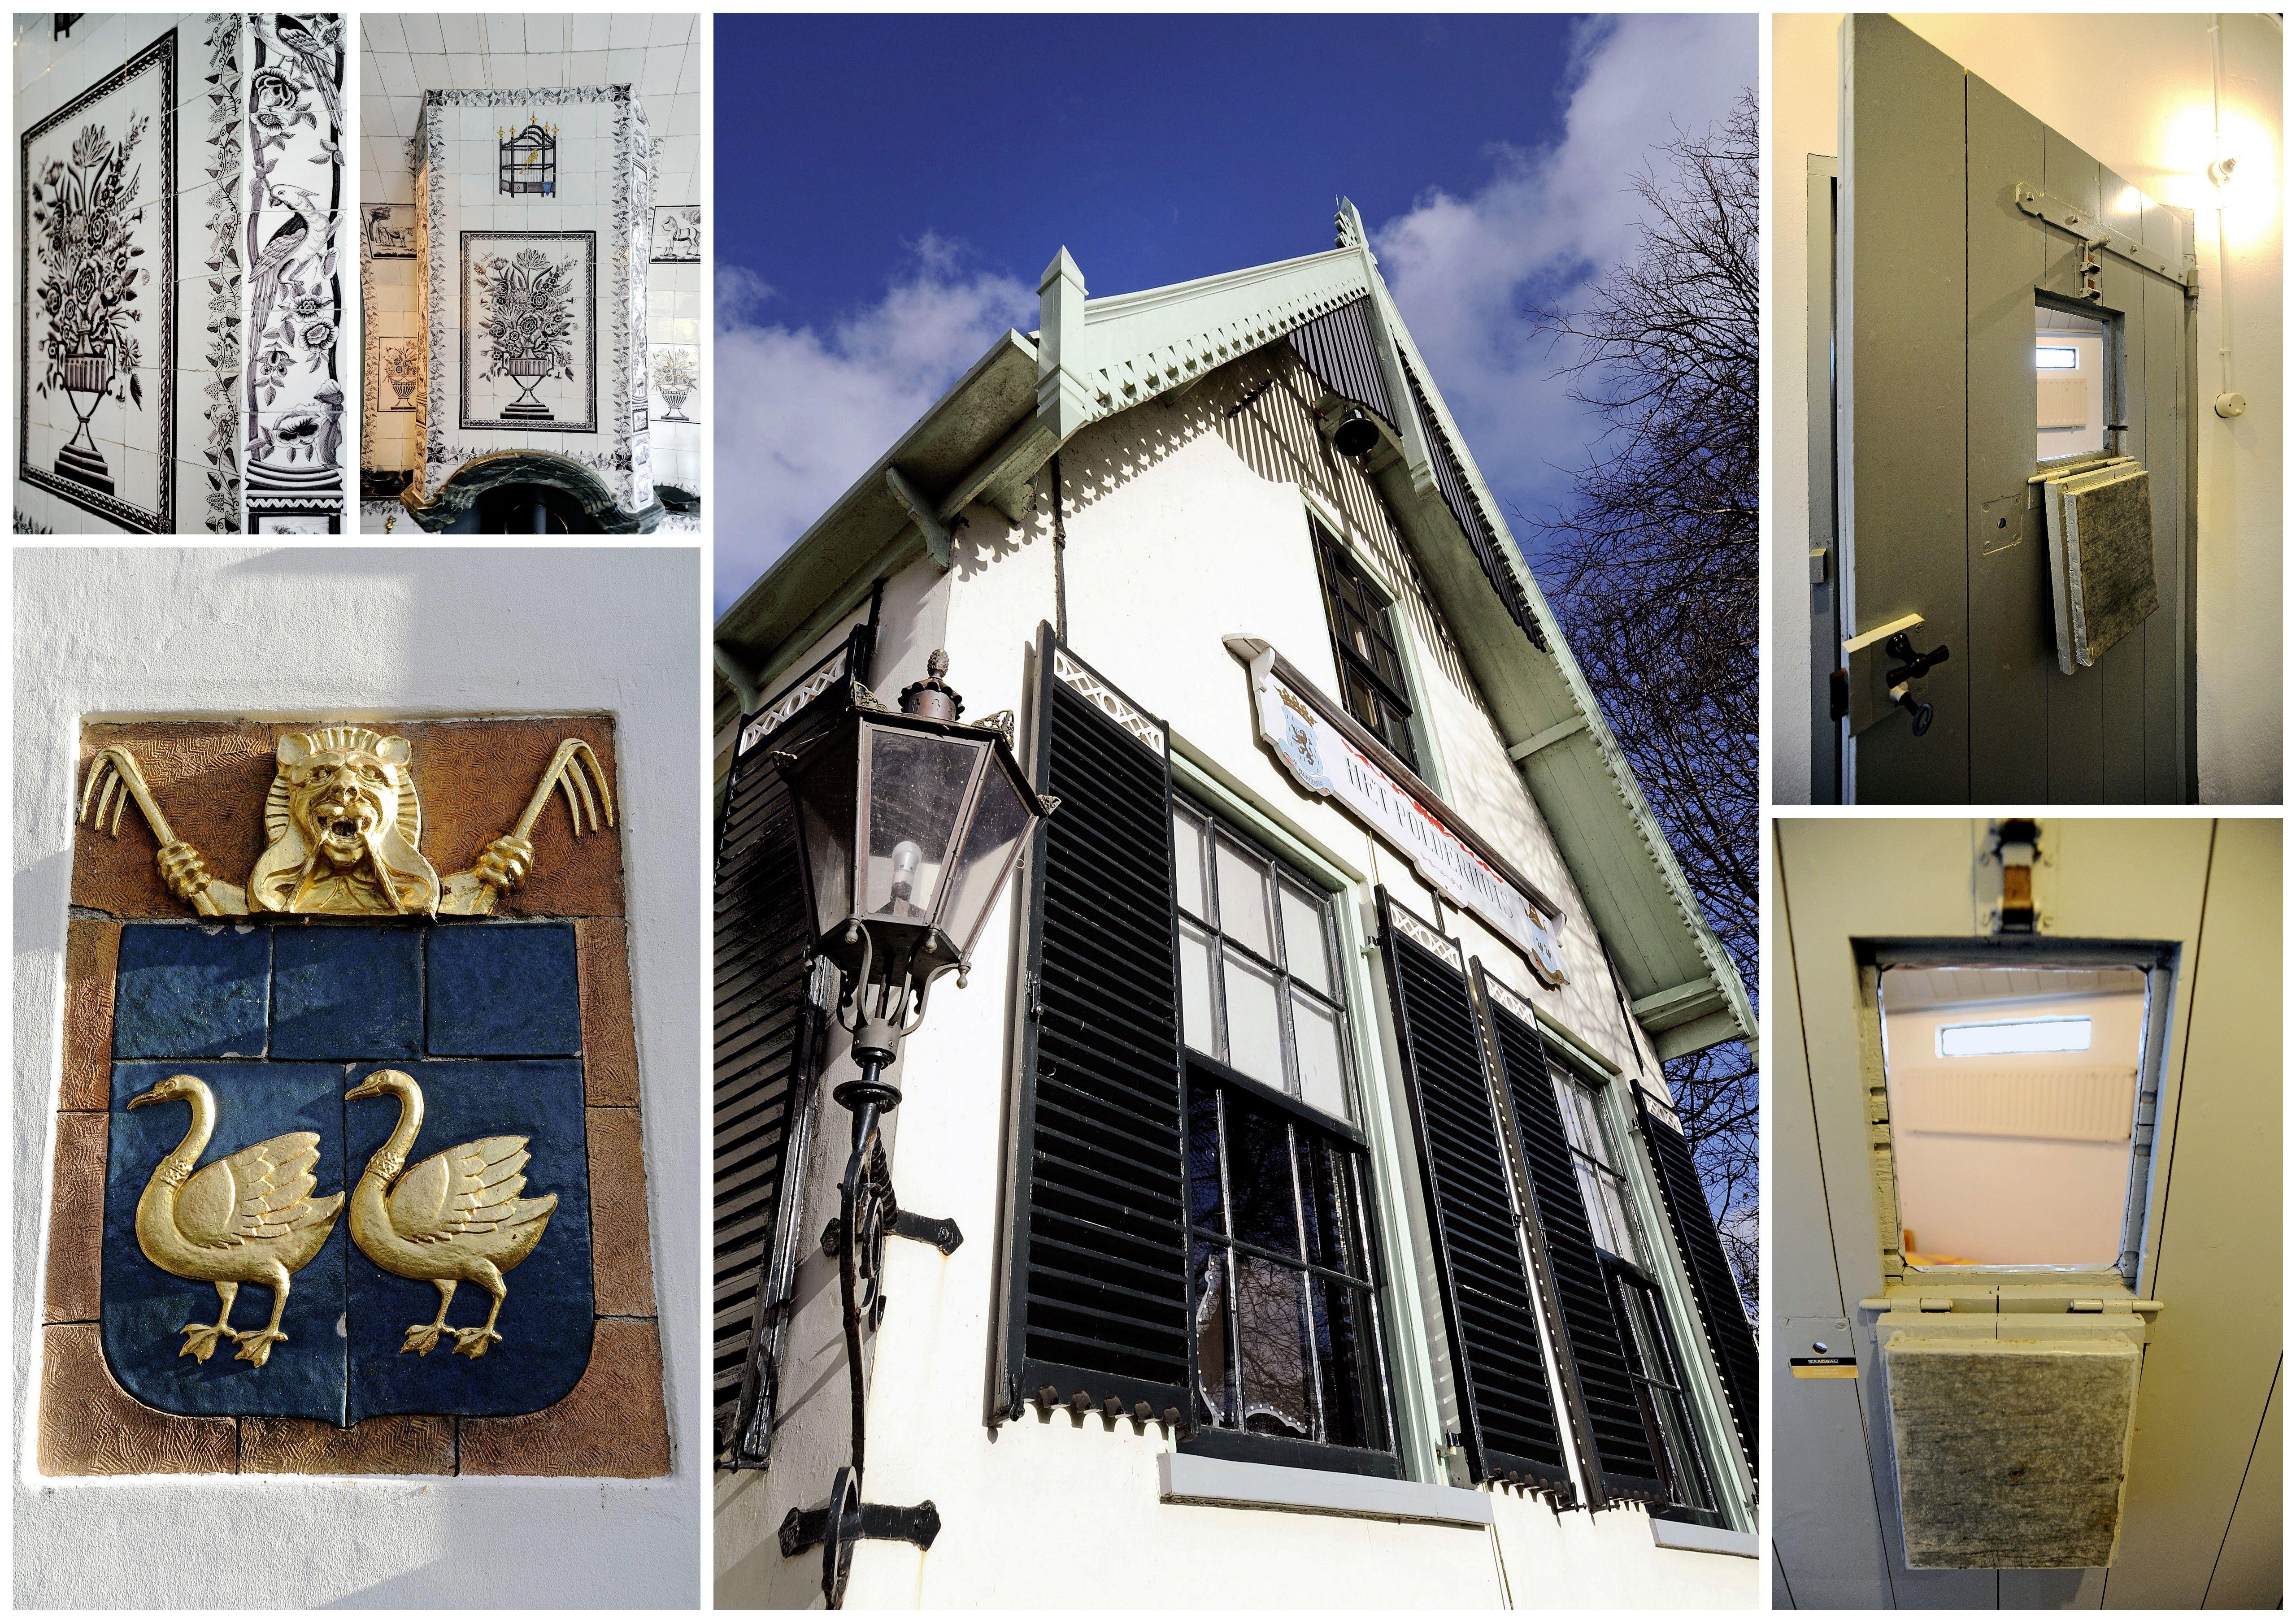 Landelijk Wonen Makelaar : Pin van klaver makelaardij i landelijk wonen op buiten en